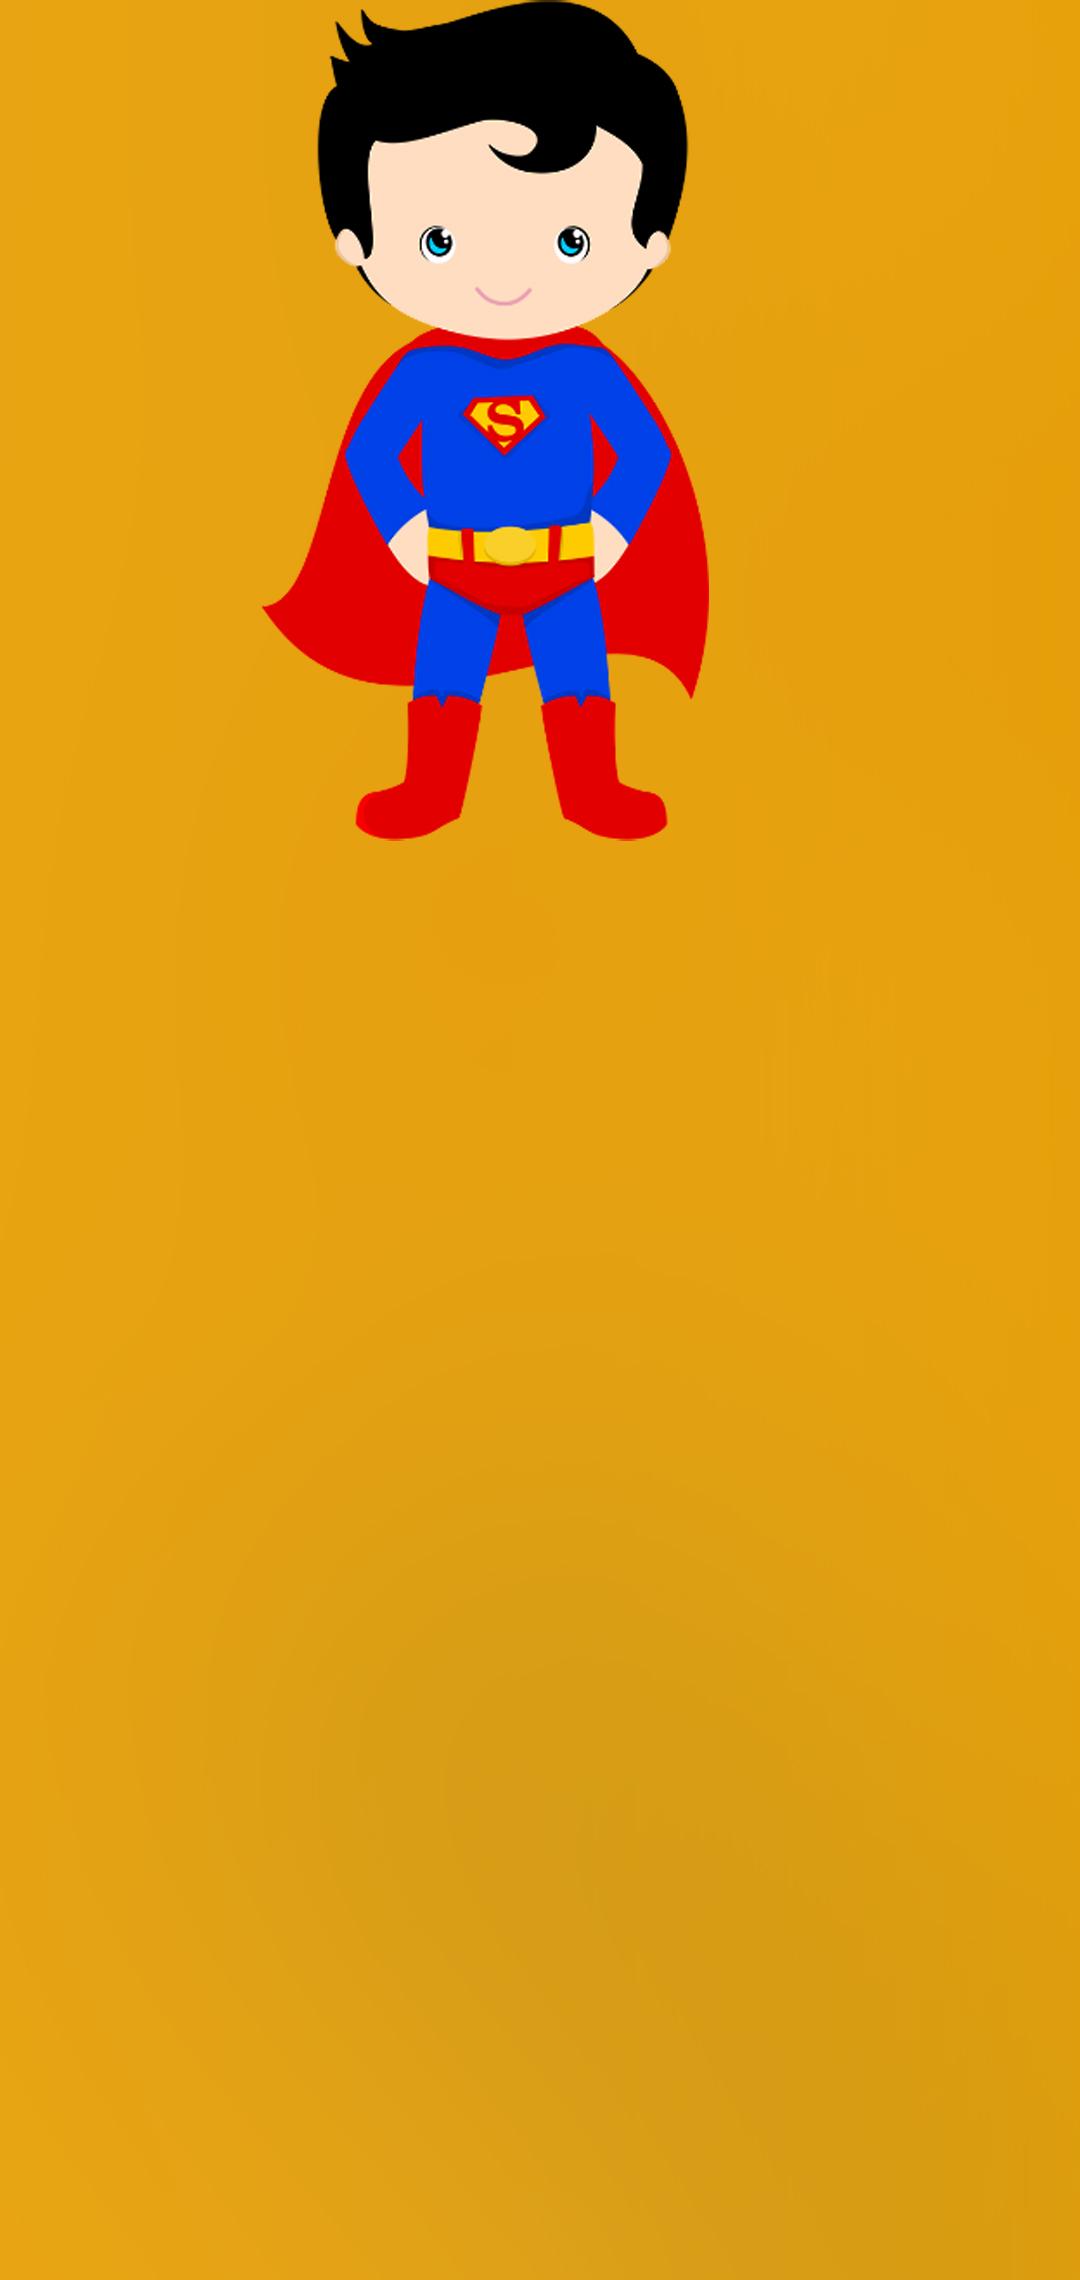 little superman wallpaper